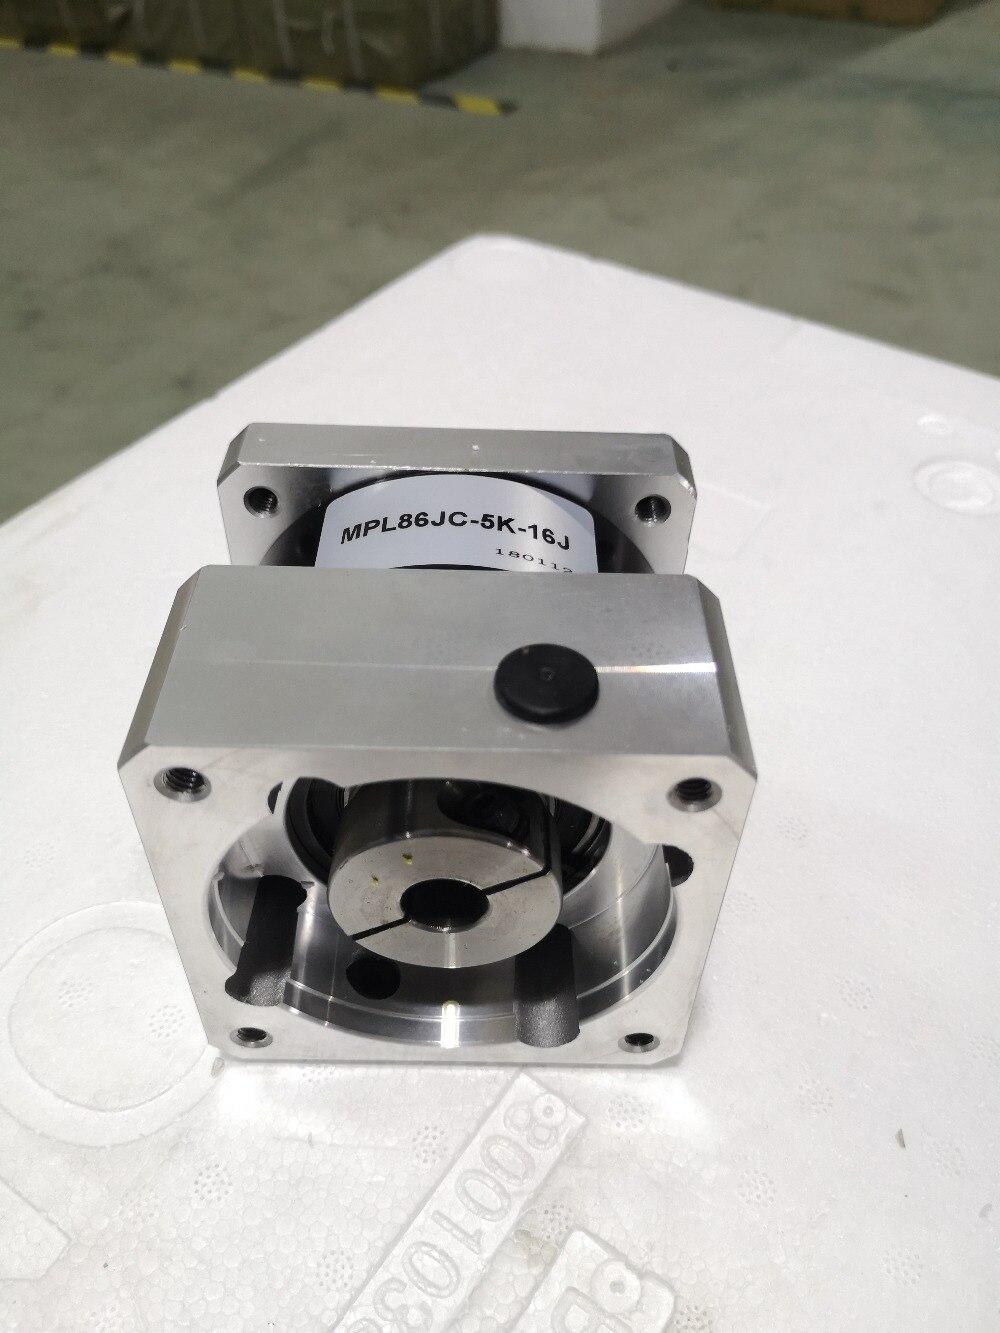 5:1 NEMA34 réducteur planétaire de précision pour moteur pas à pas à engrenages nema 34 50N. m (6944oz-in) couple nominal